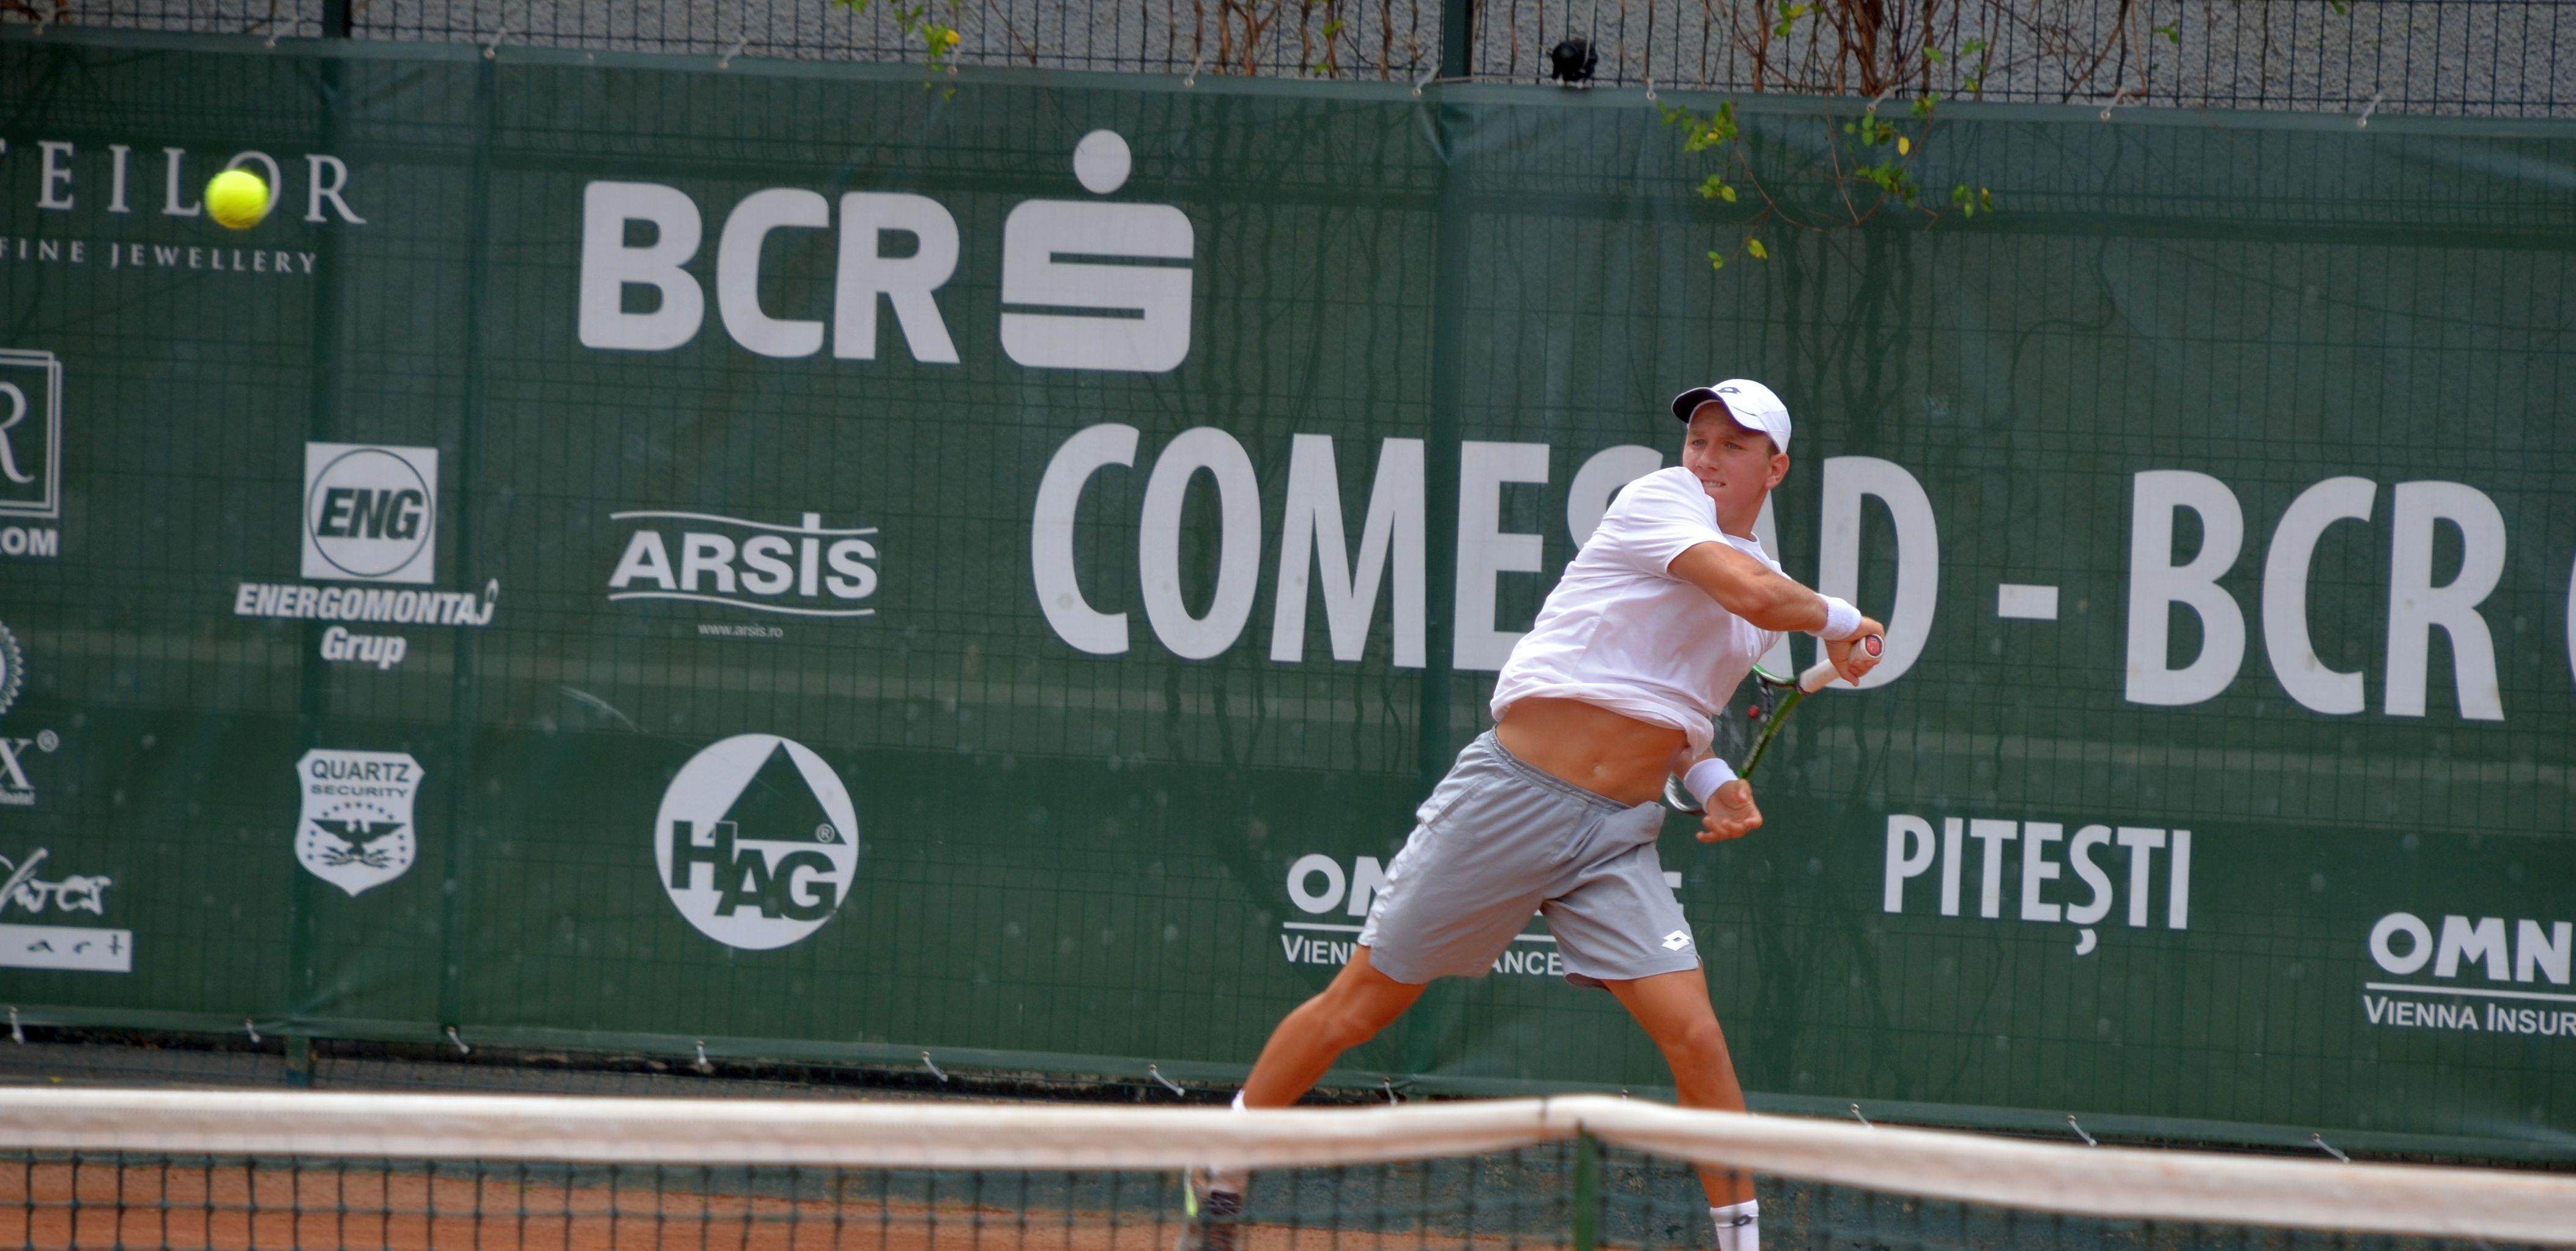 Comesad BCR Open | Jianu – Frunză, semifinală românească